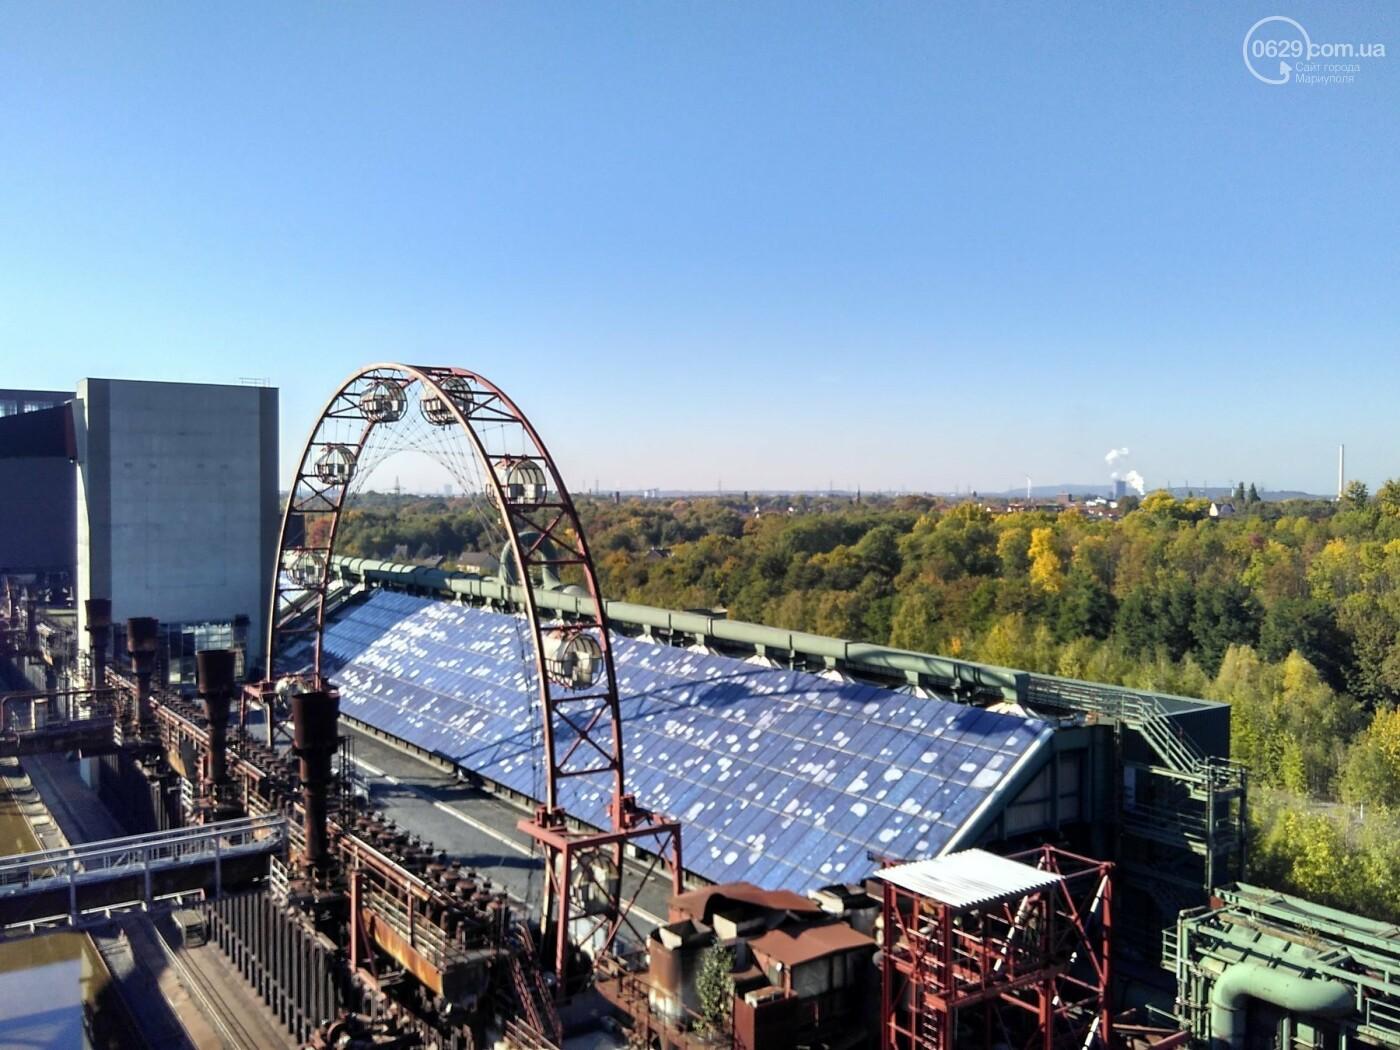 Есть ли жизнь после металлургических заводов? Дортмунд - немецкий аналог Мариуполя, но уже без стали и угля, - ФОТО, фото-9